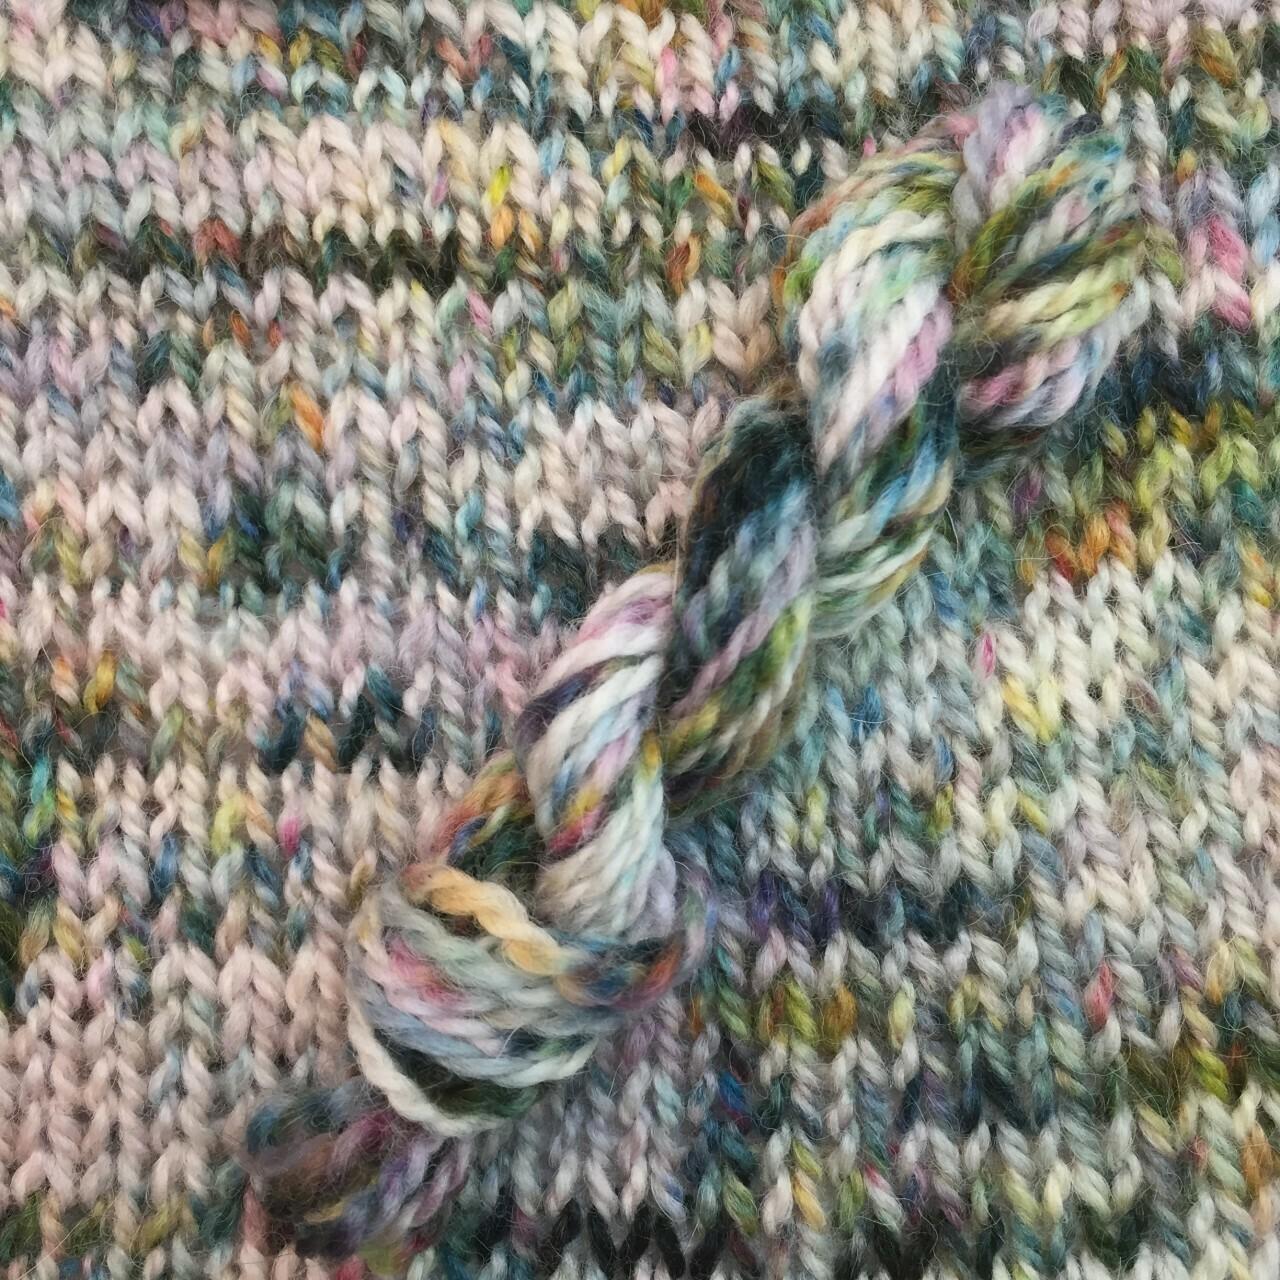 Symmetry Yarn - Wallflower